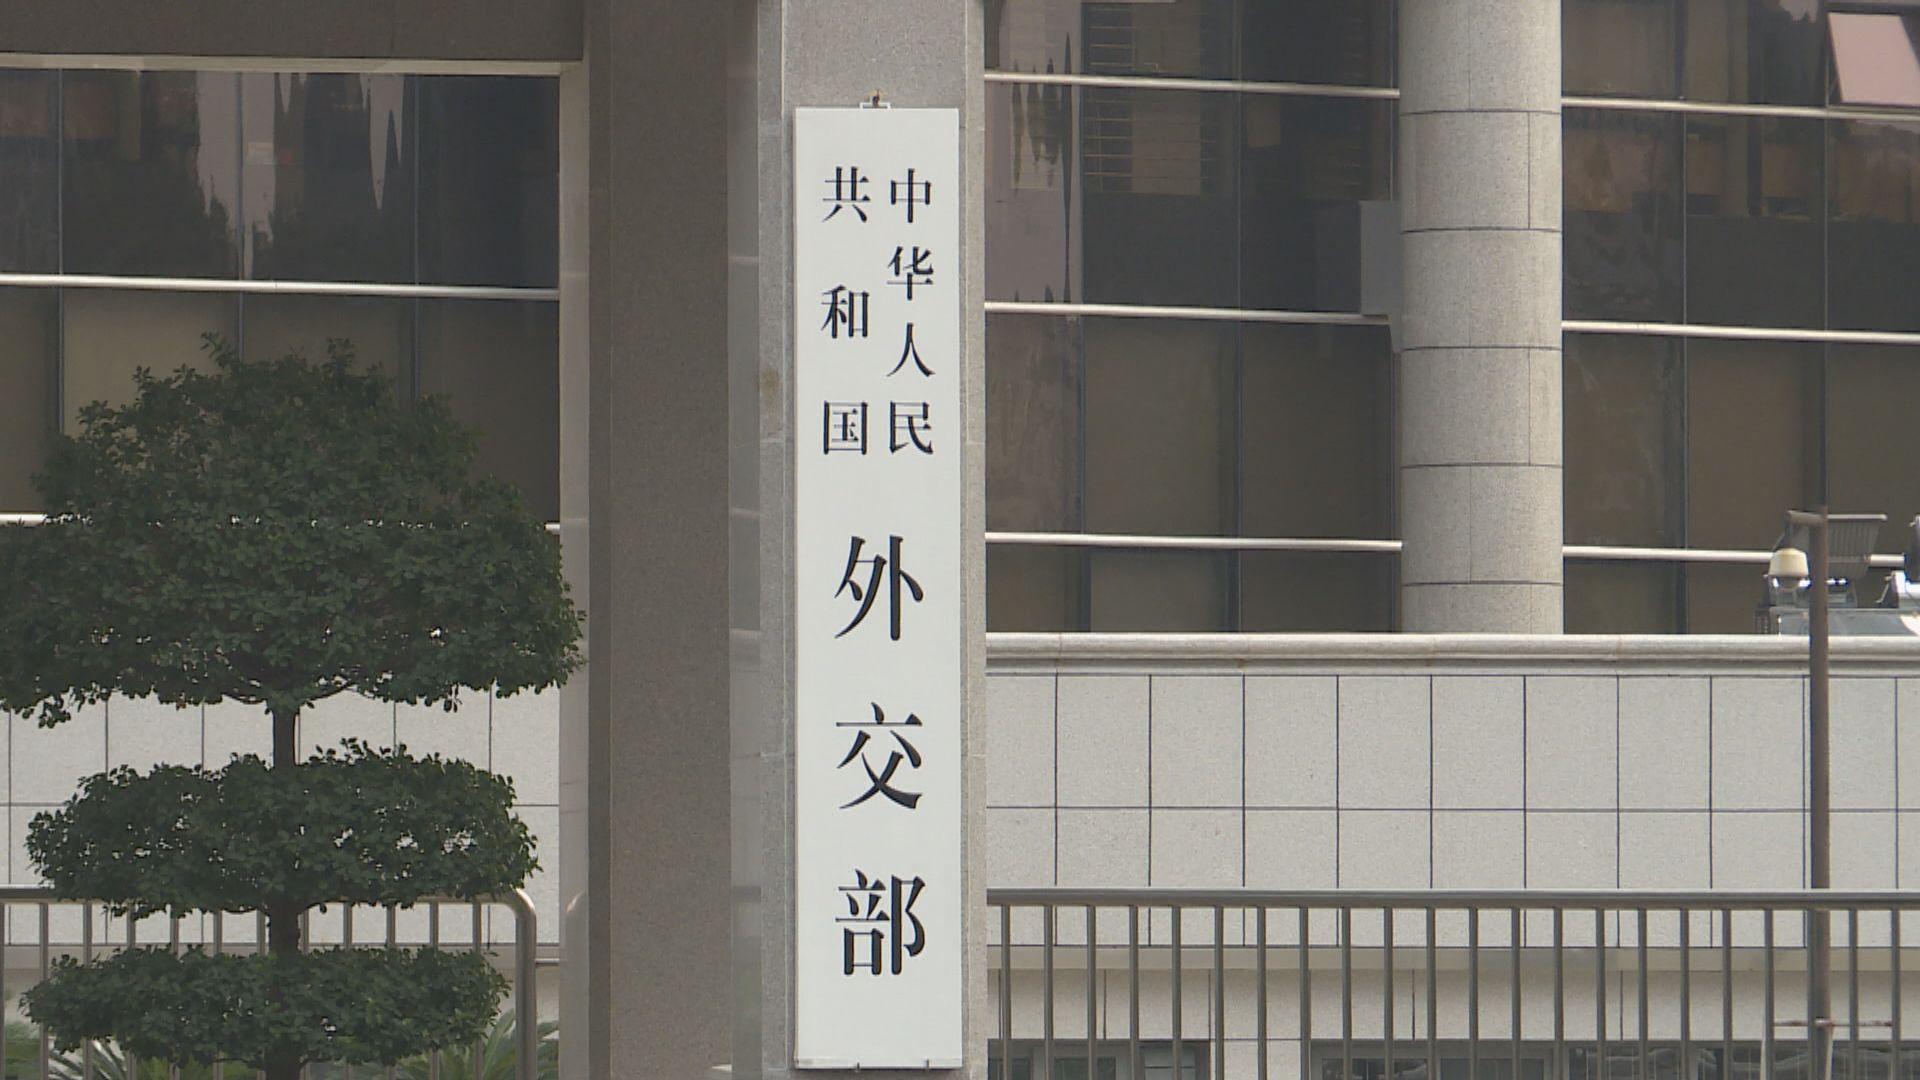 外交部:外國無權干預香港國家安全立法問題